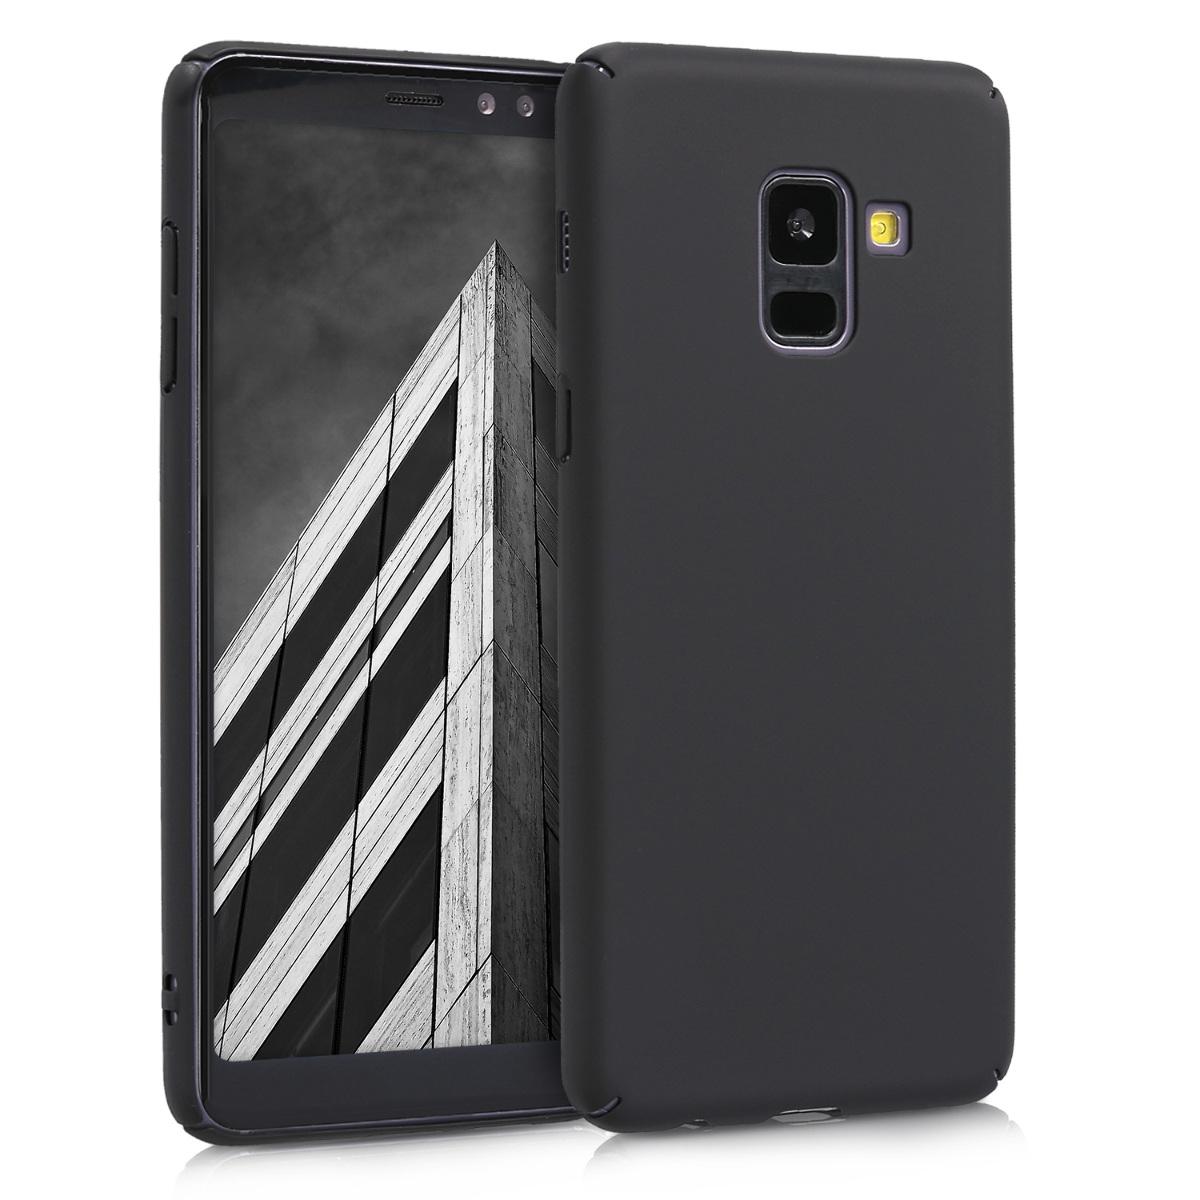 KW Slim Anti-Slip Cover - Σκληρή Θήκη Καουτσούκ Samsung Galaxy A8 (2018) - Μαύρο μεταλλικό (45268.68)